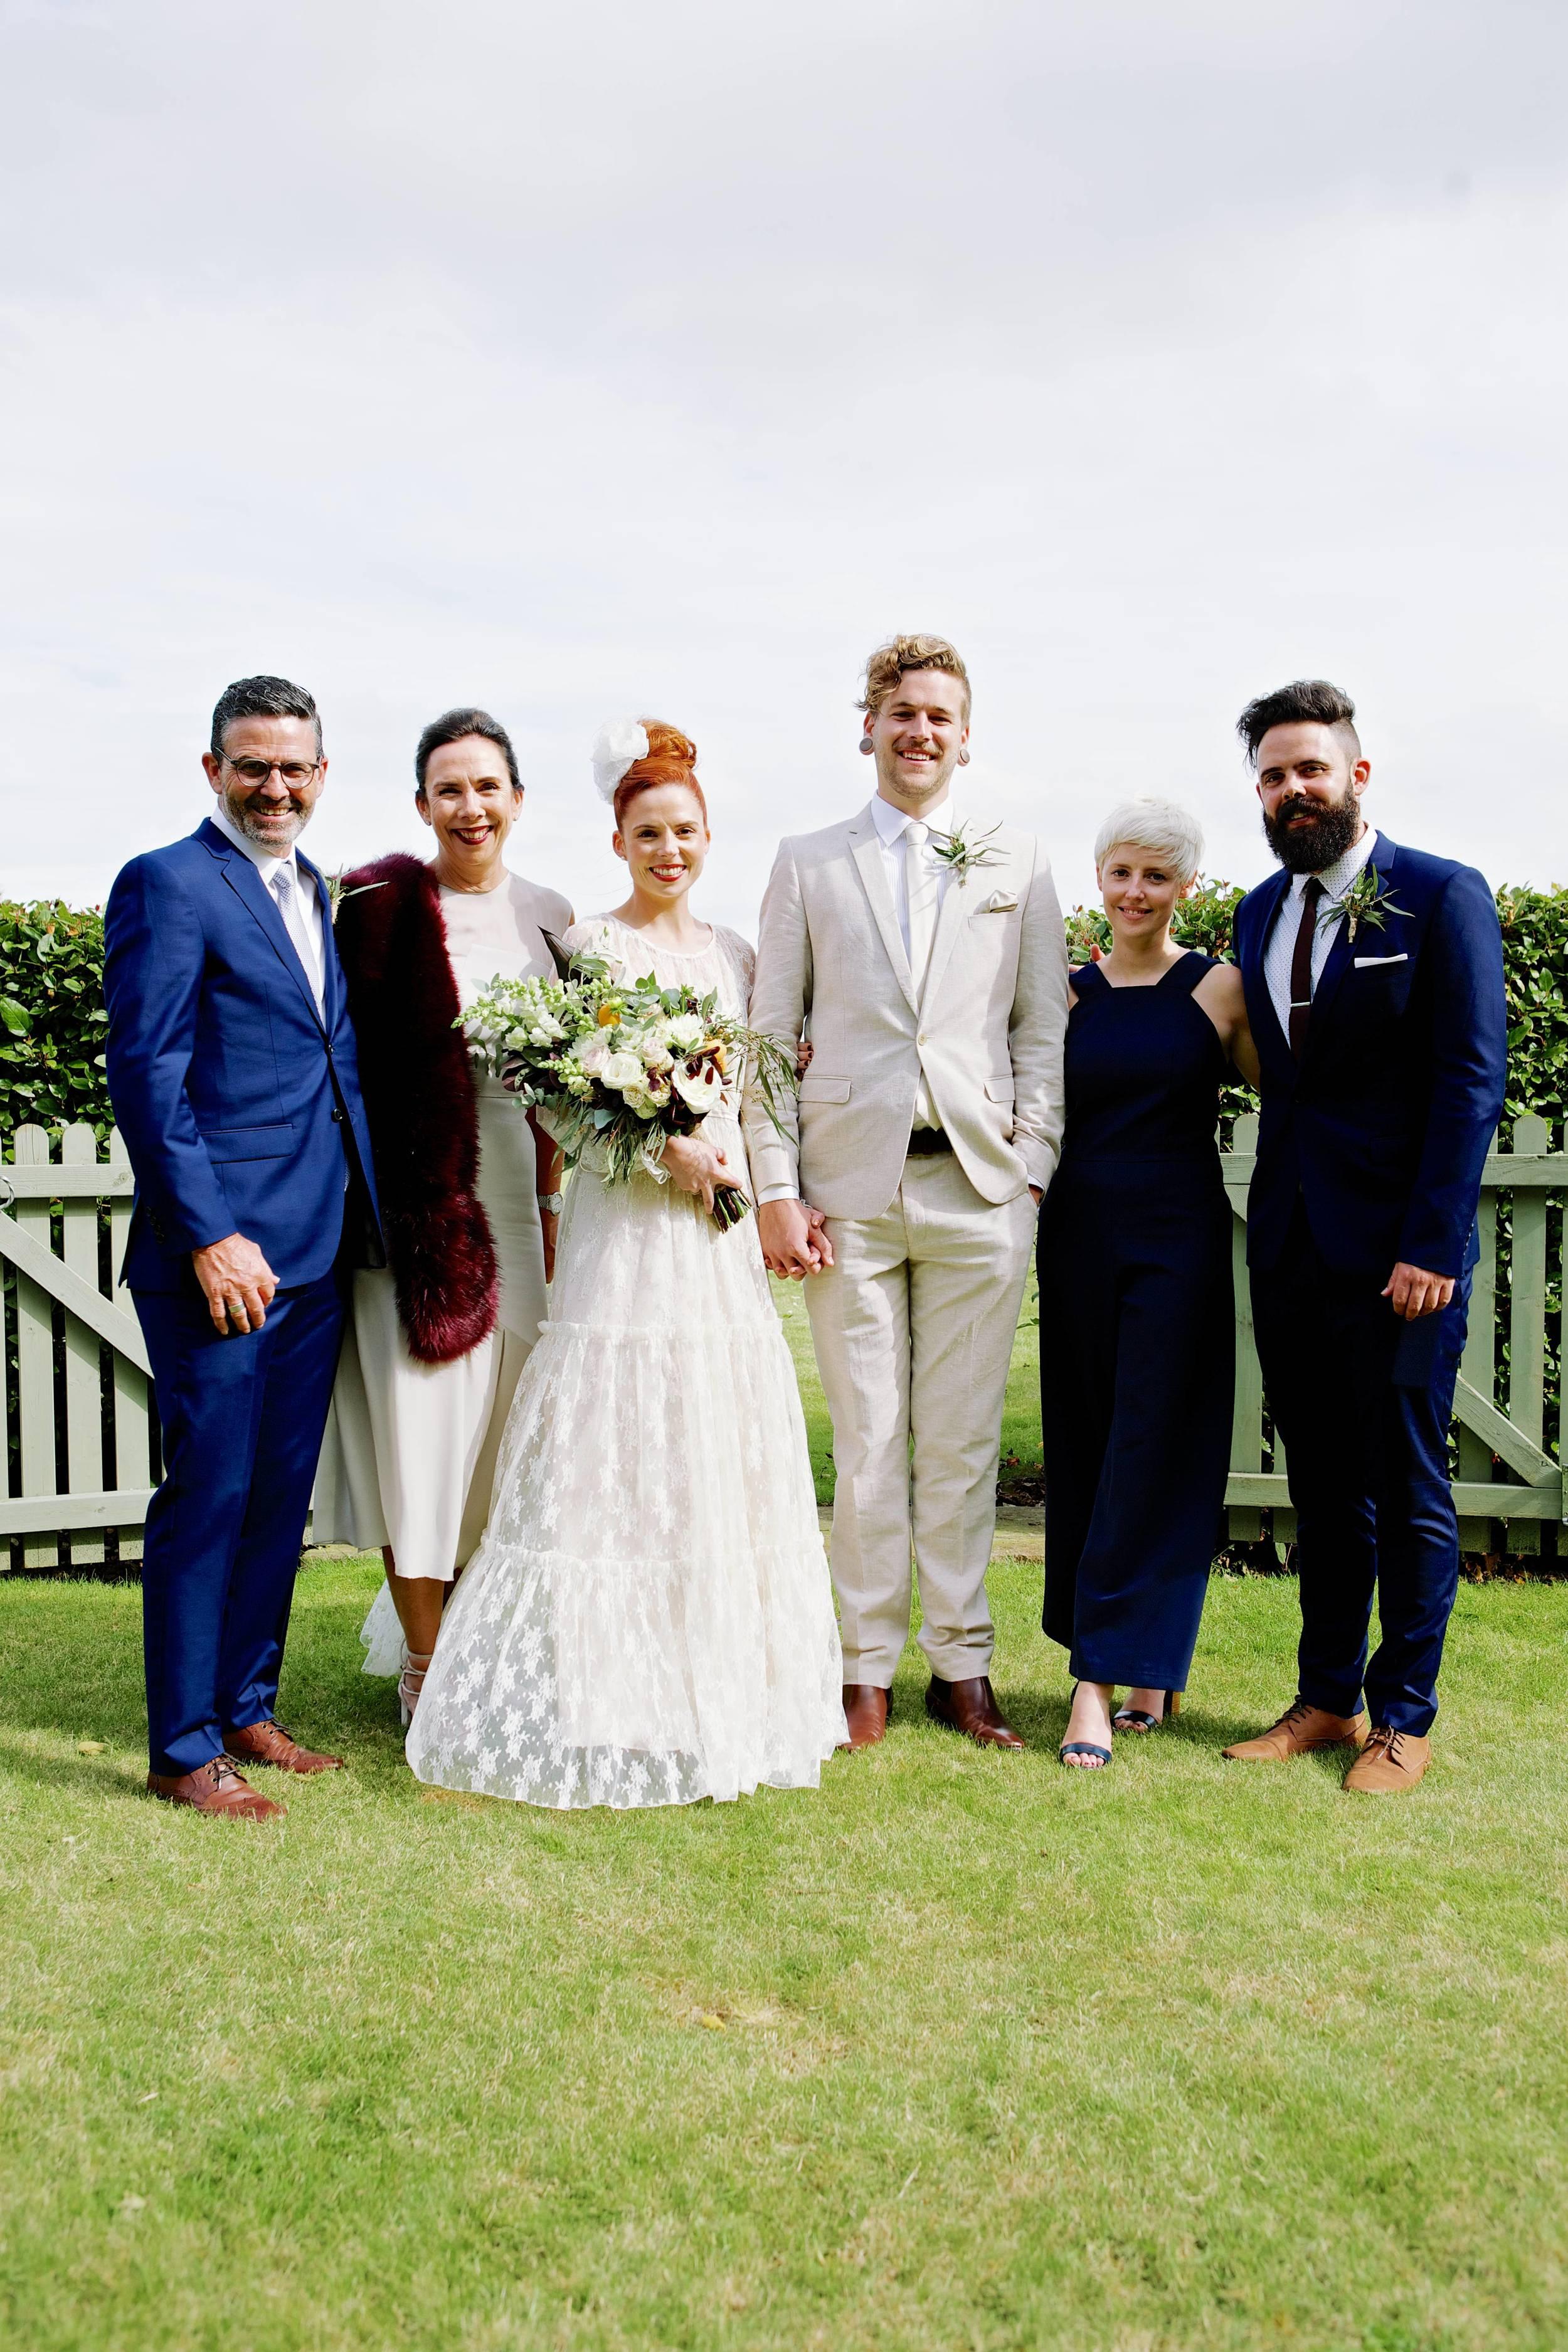 Hill_Wedding_3O5A5590.jpg